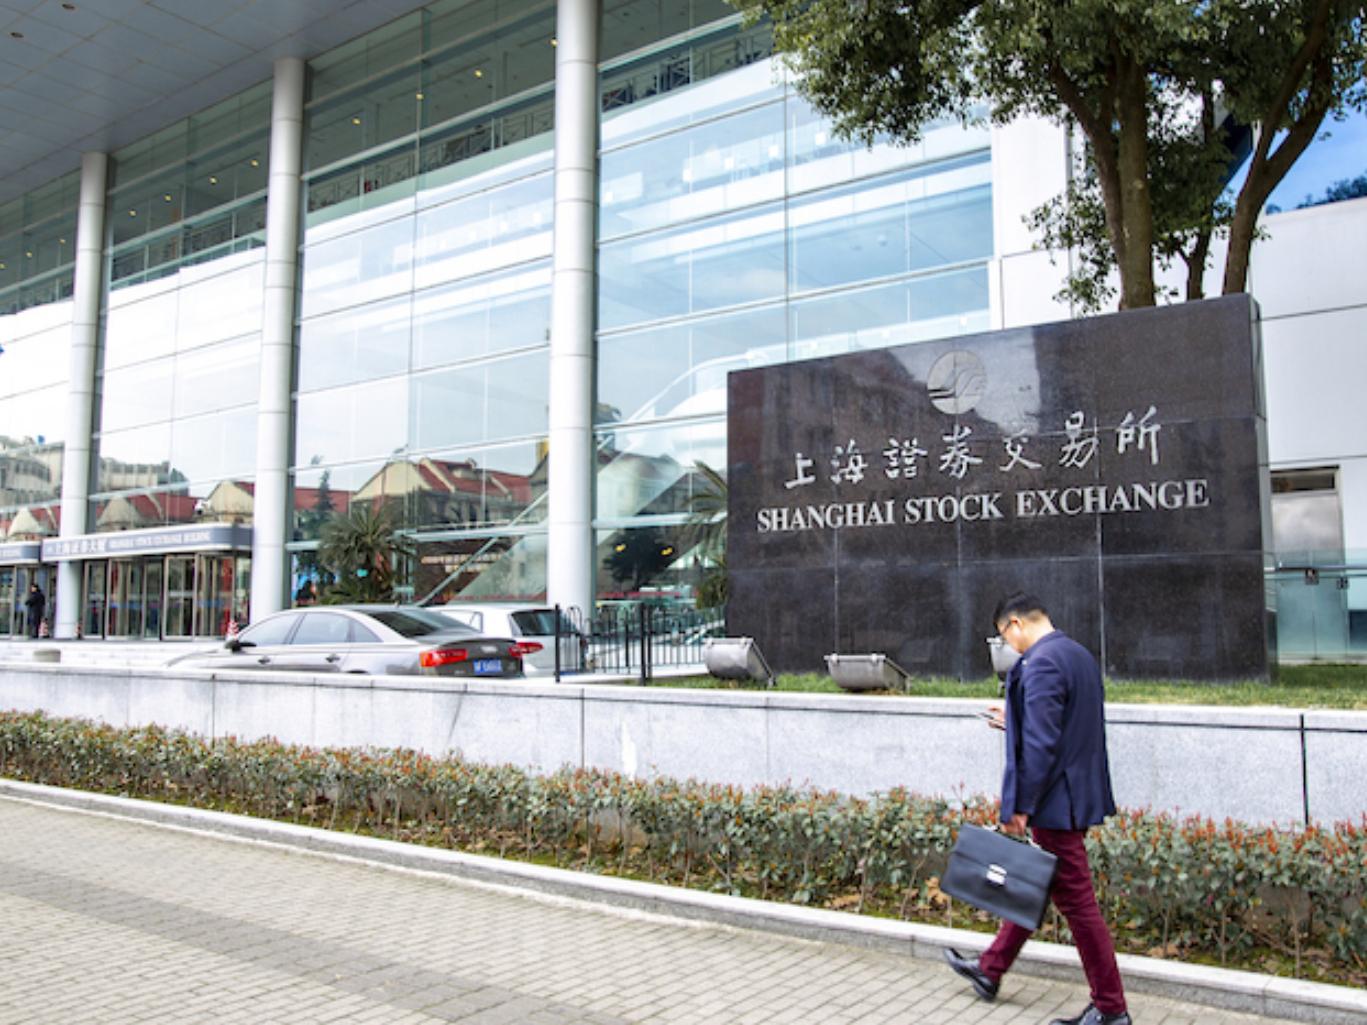 Bank of Jiangsu net profit up 12.85 pct in Q1